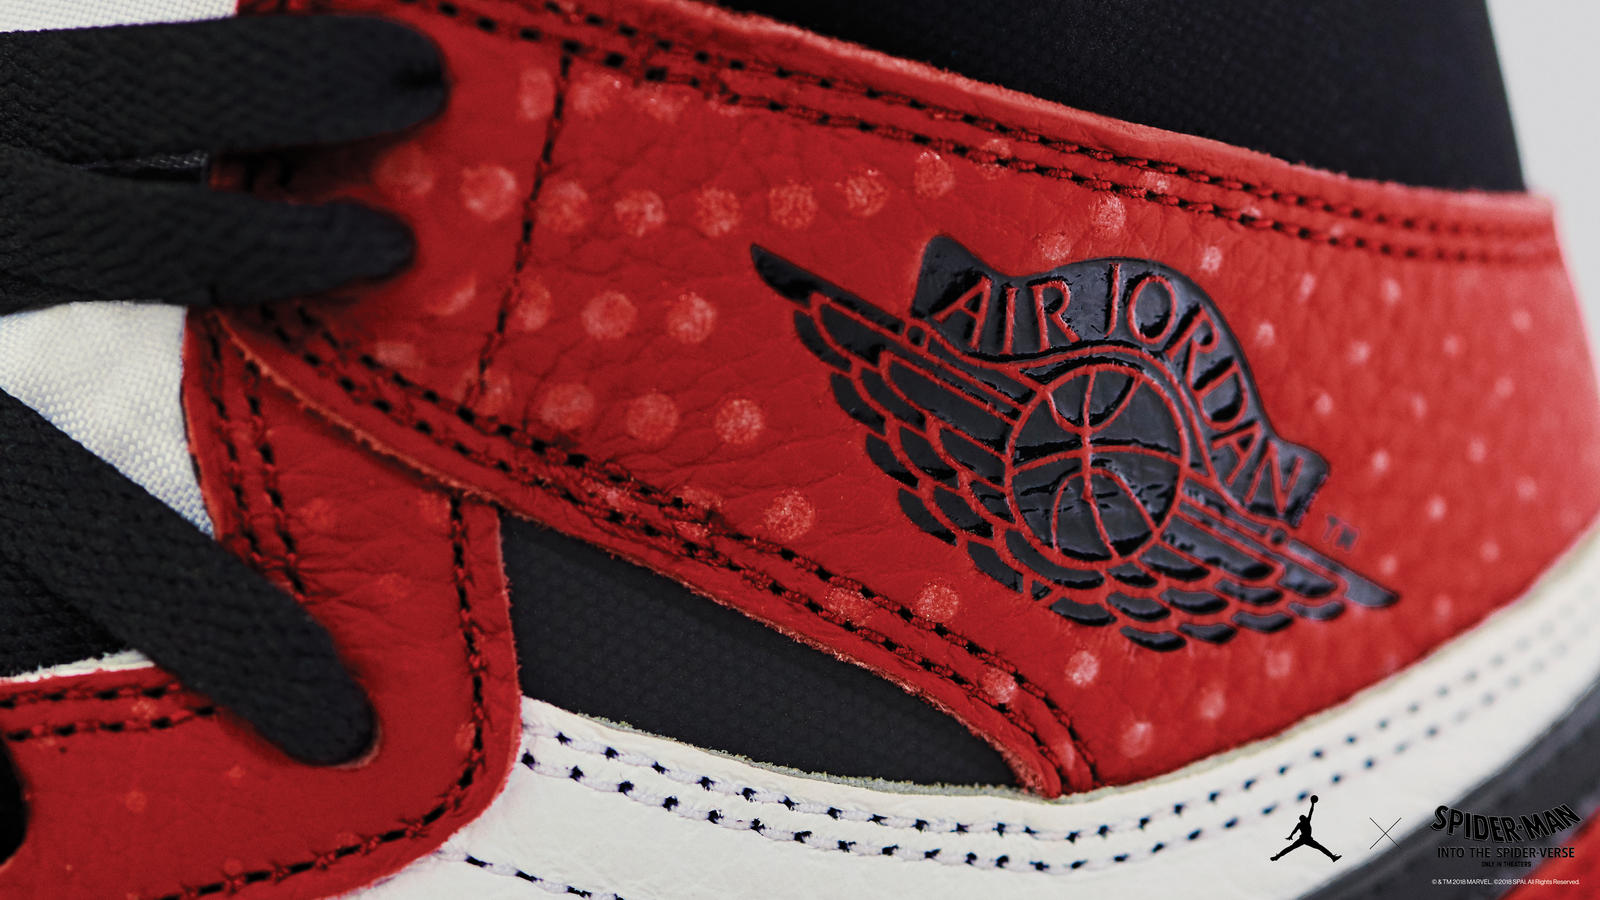 ef4827c7be9d4a Rendez-vous le 14 décembre sur nike.com pour cop votre paire ! Air Jordan 1  Retro High OG    ...